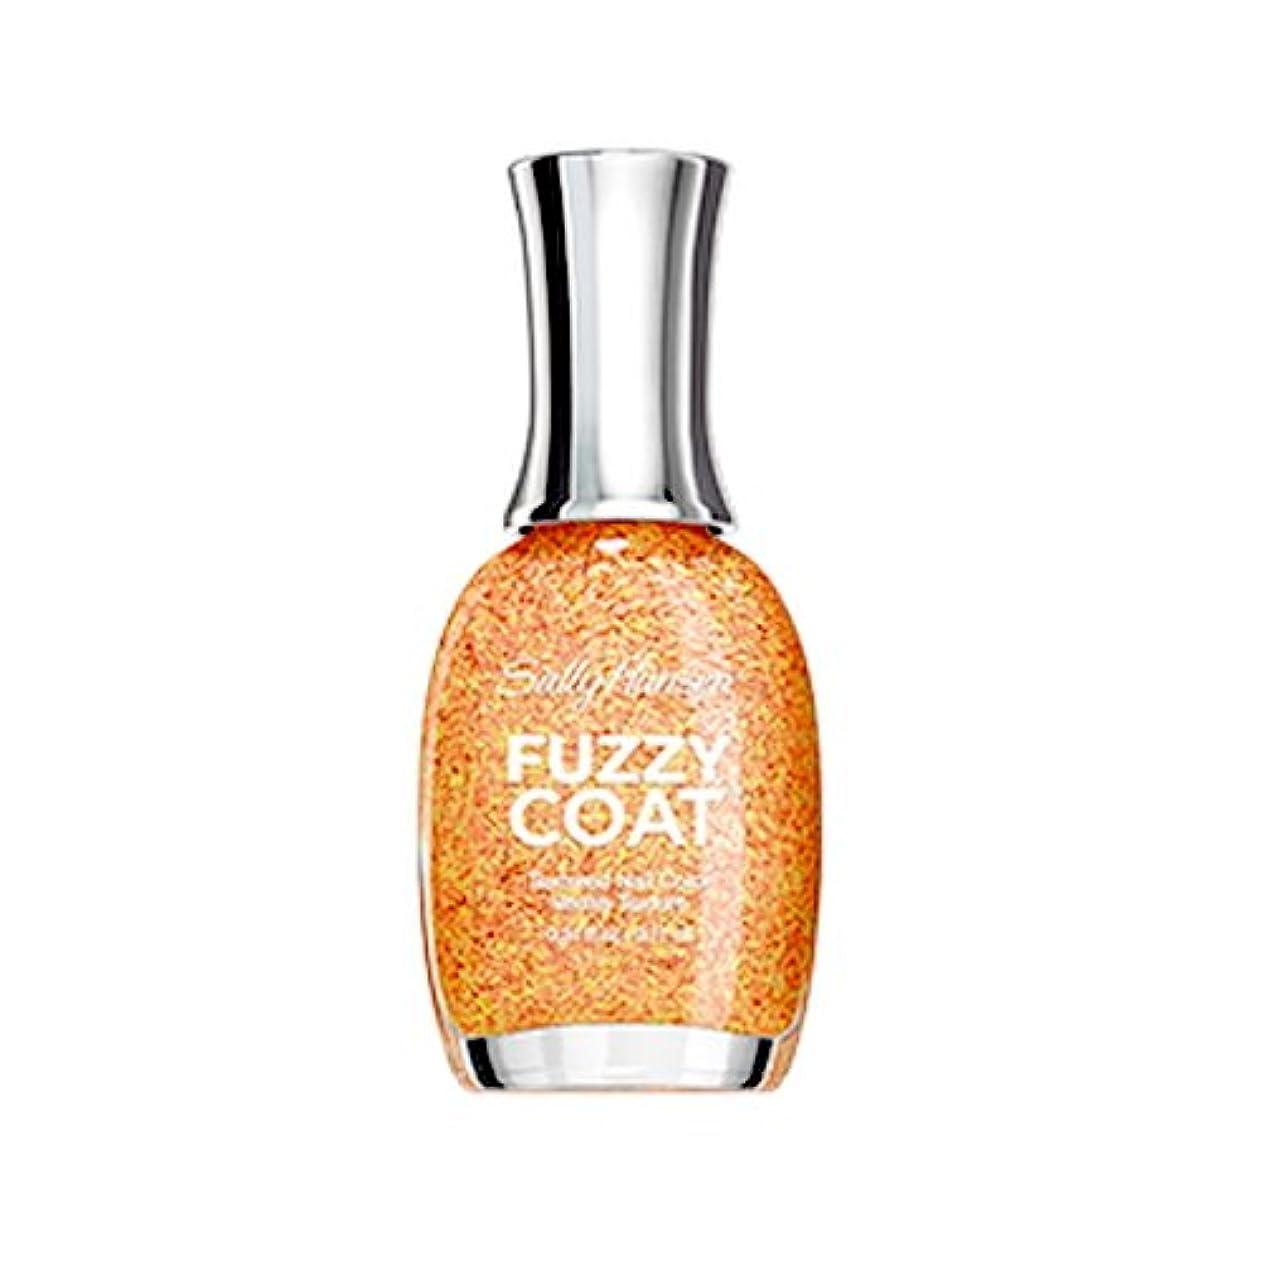 うんざり誘惑有効SALLY HANSEN Fuzzy Coat Special Effect Textured Nail Color - Peach Fuzz (並行輸入品)